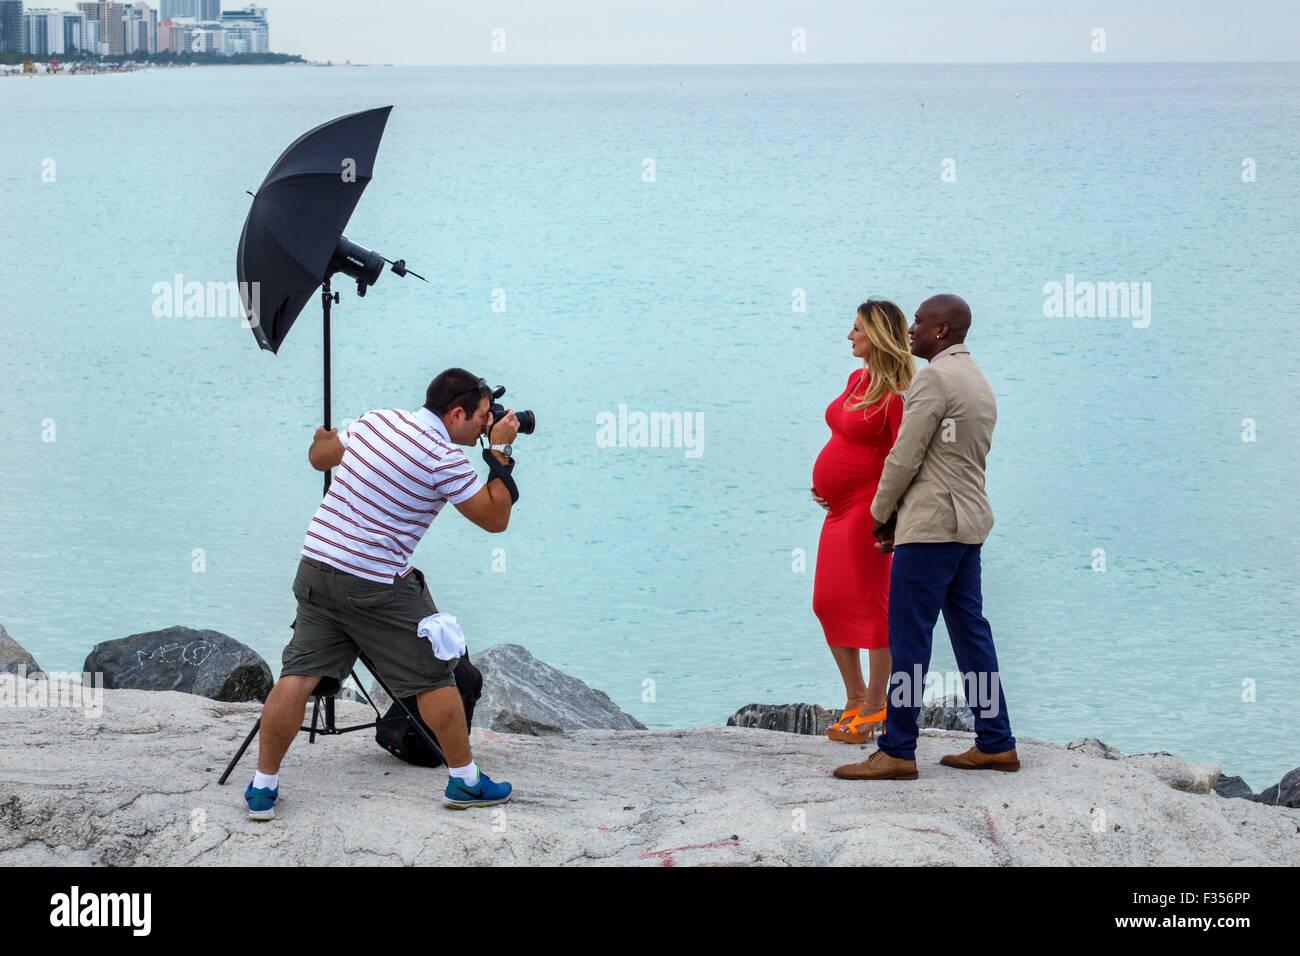 Interracial rencontres Miami FL Comment dire si votre rencontre un artiste con